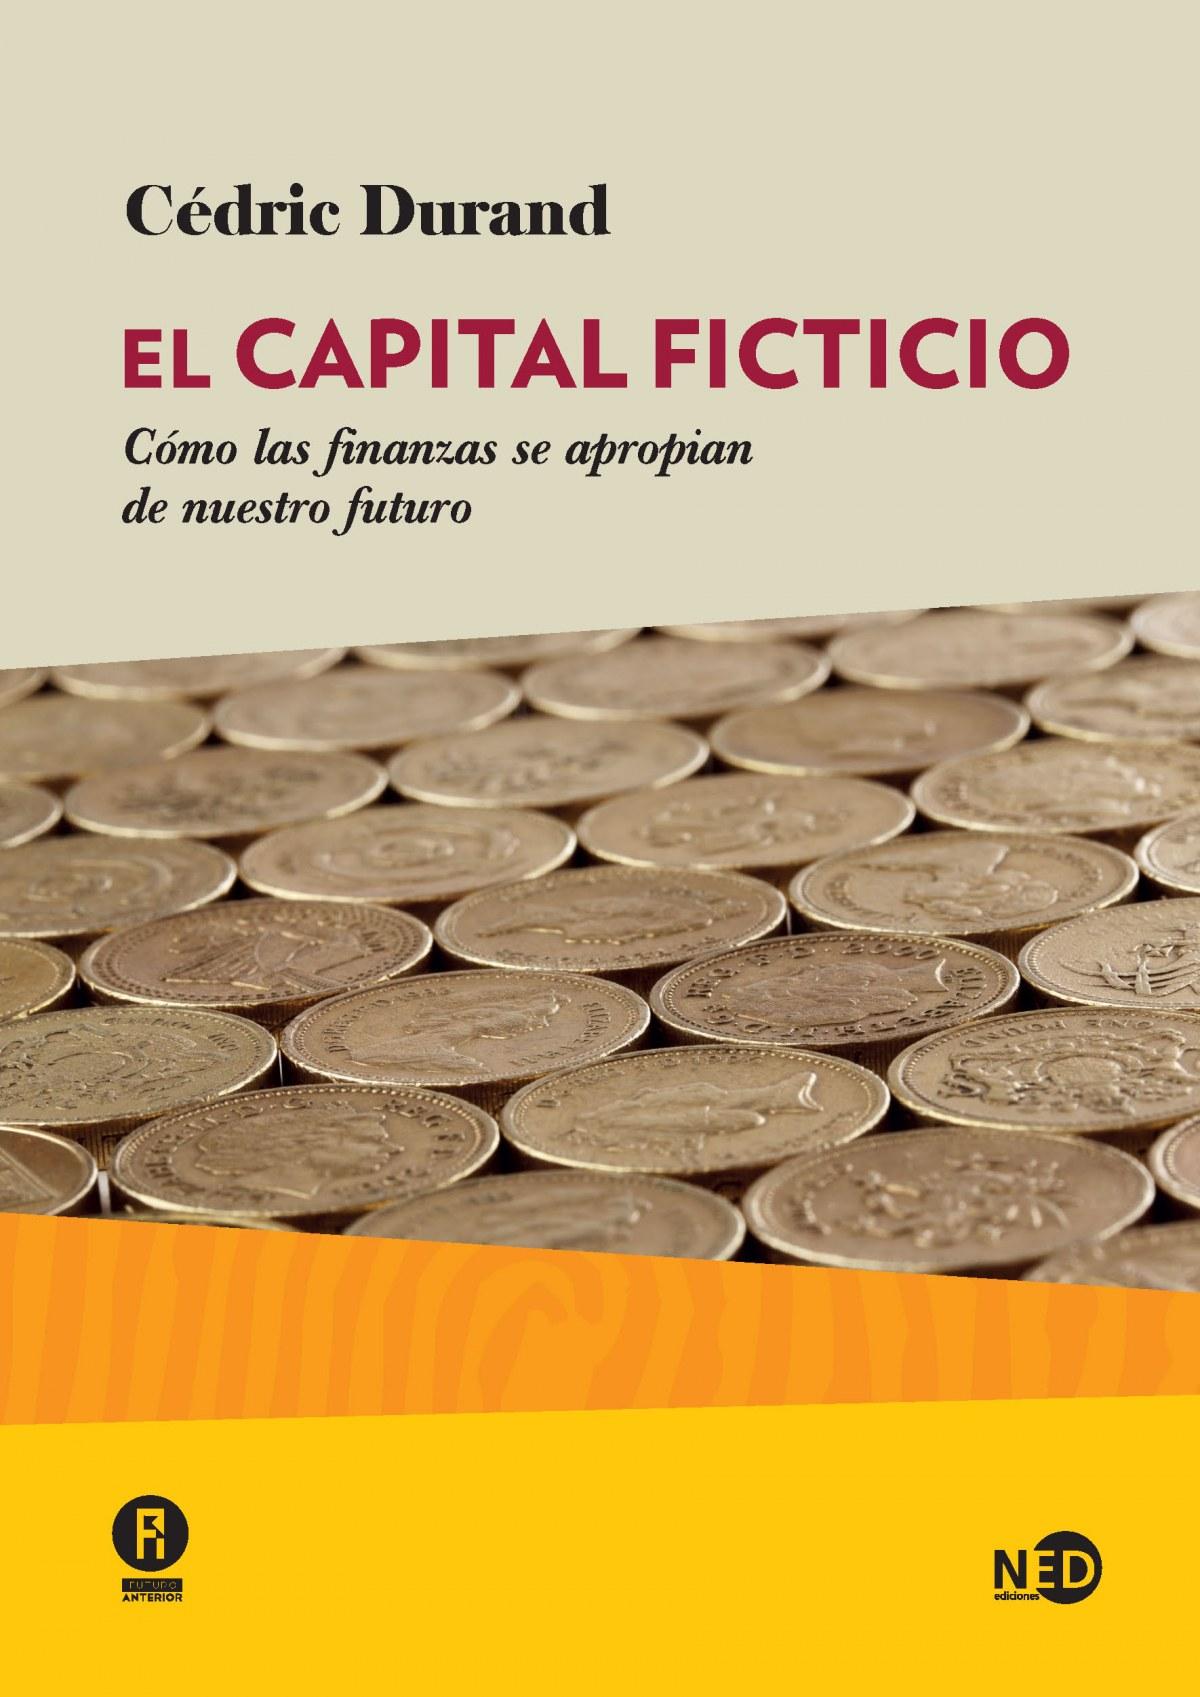 EL CAPITAL FICTICIO